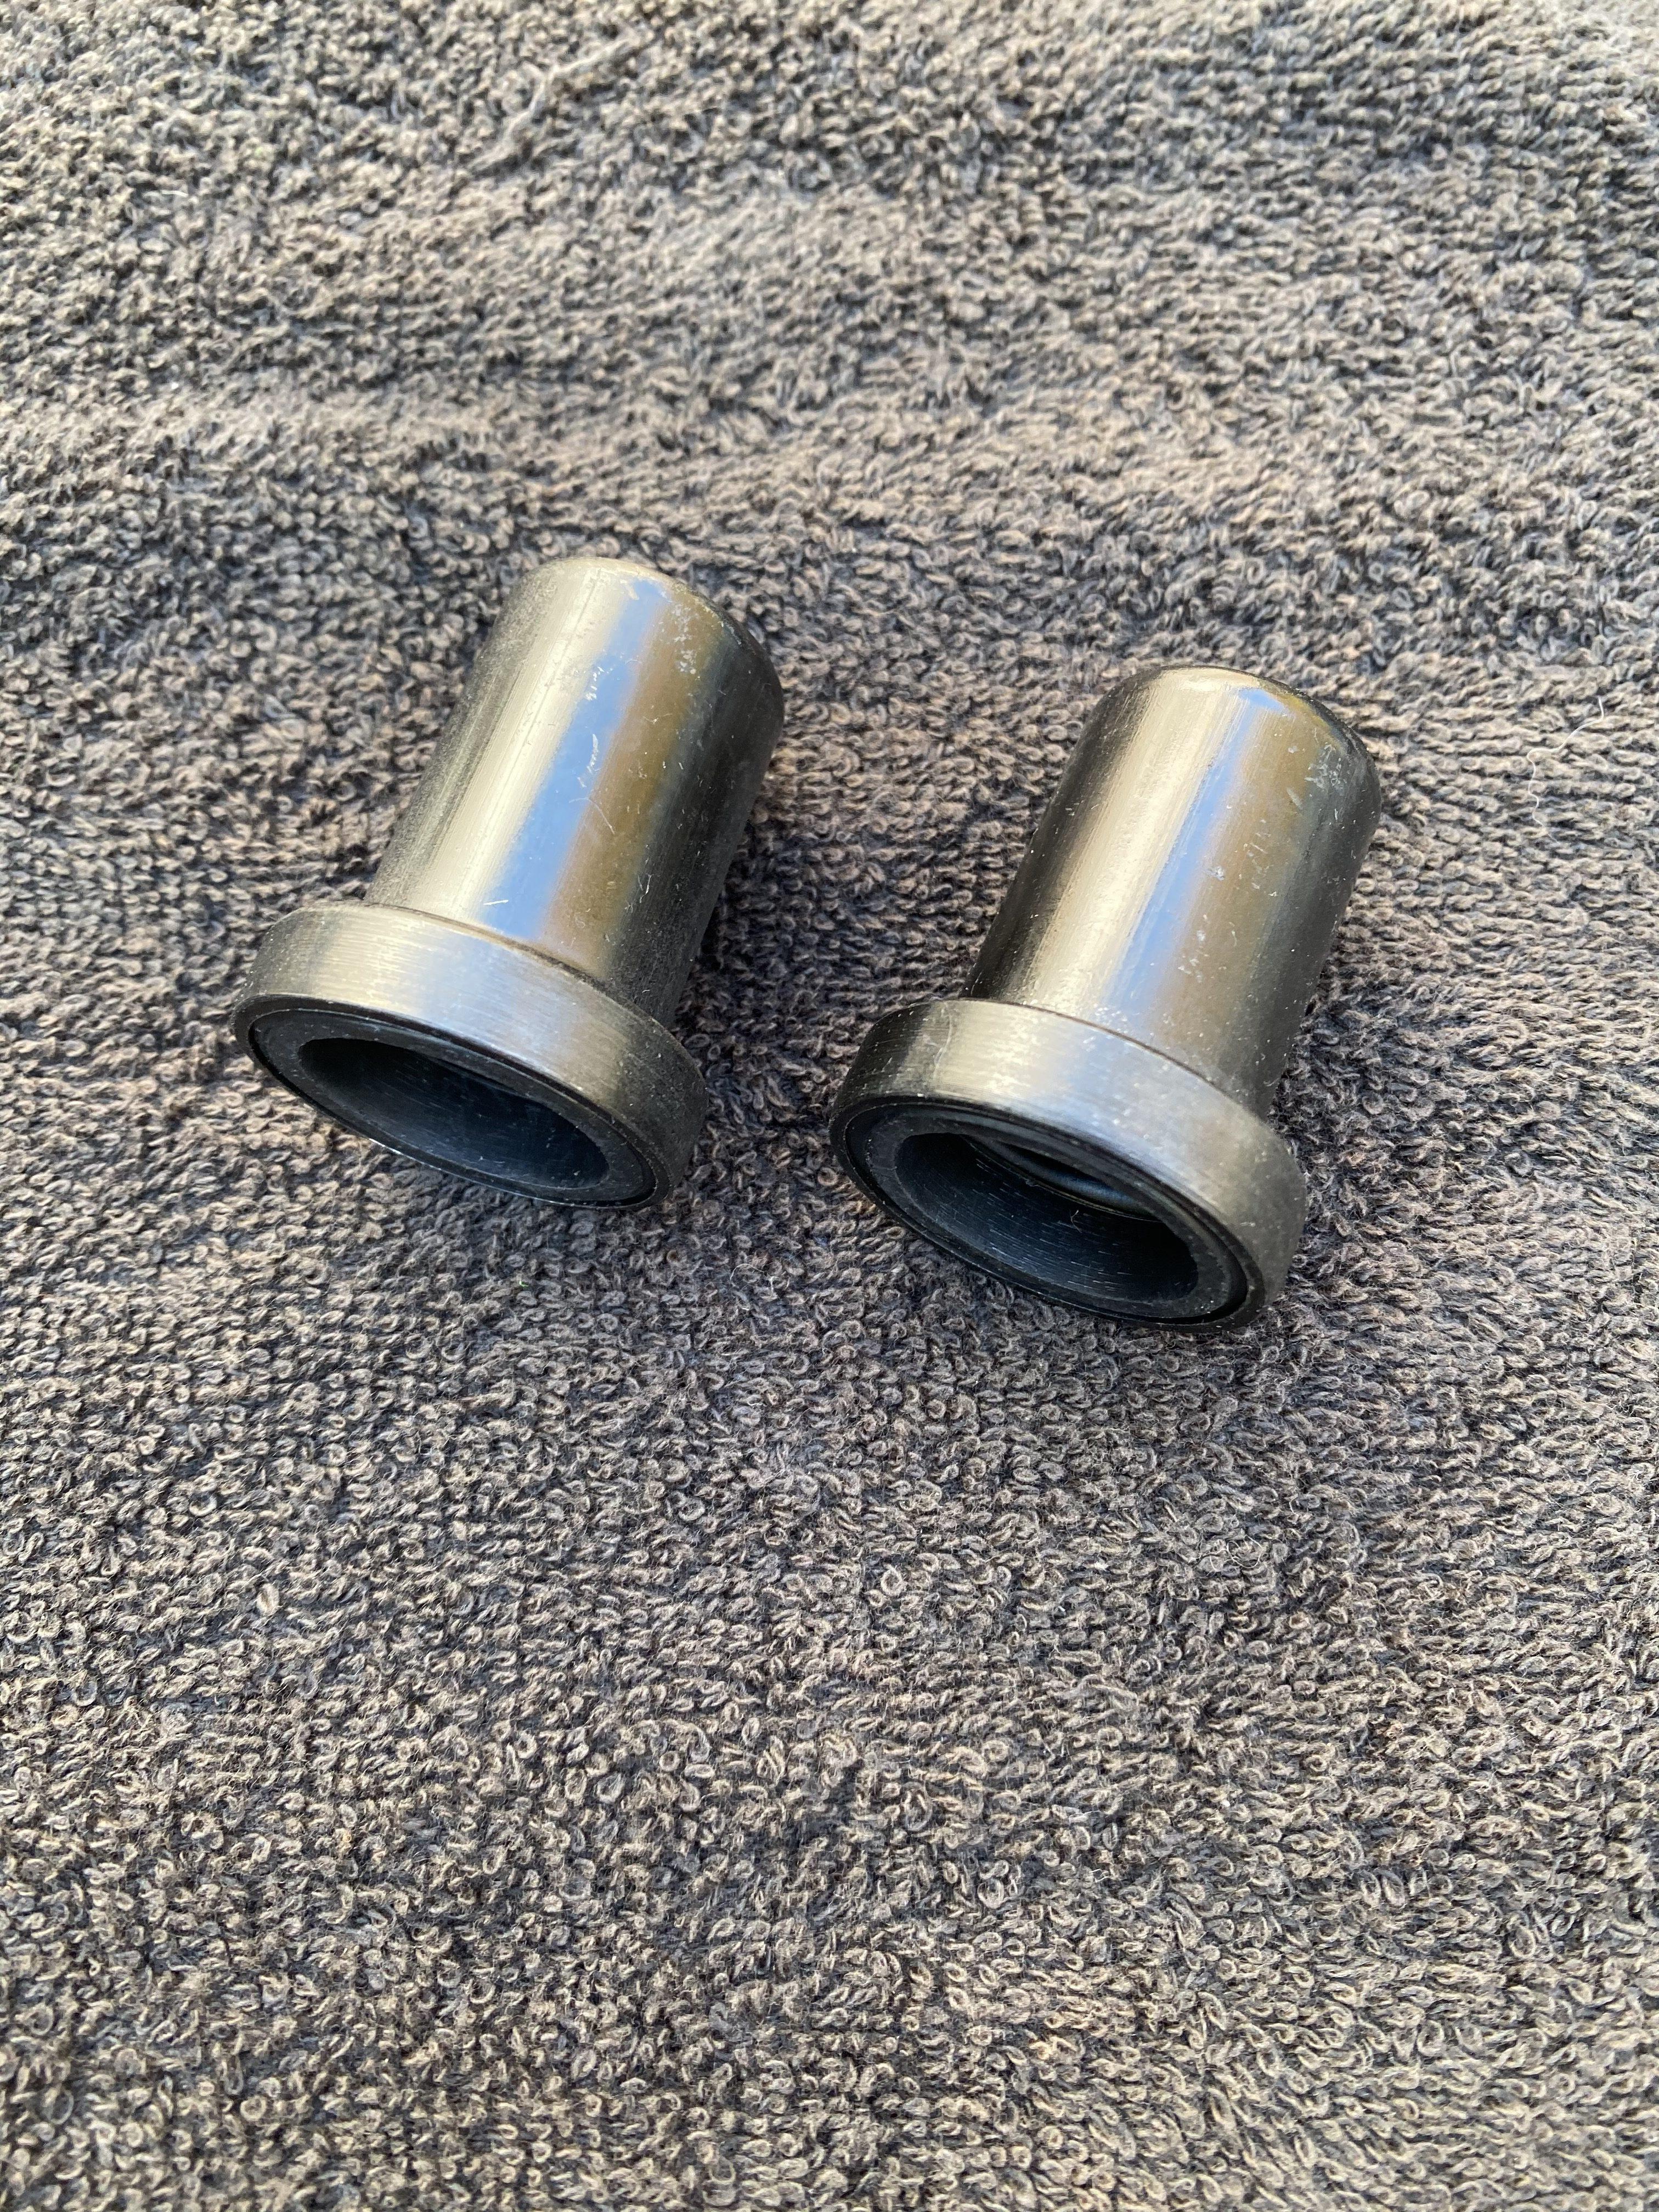 TIP-WP002 Pontiac water pump sleeves # 9796347 2